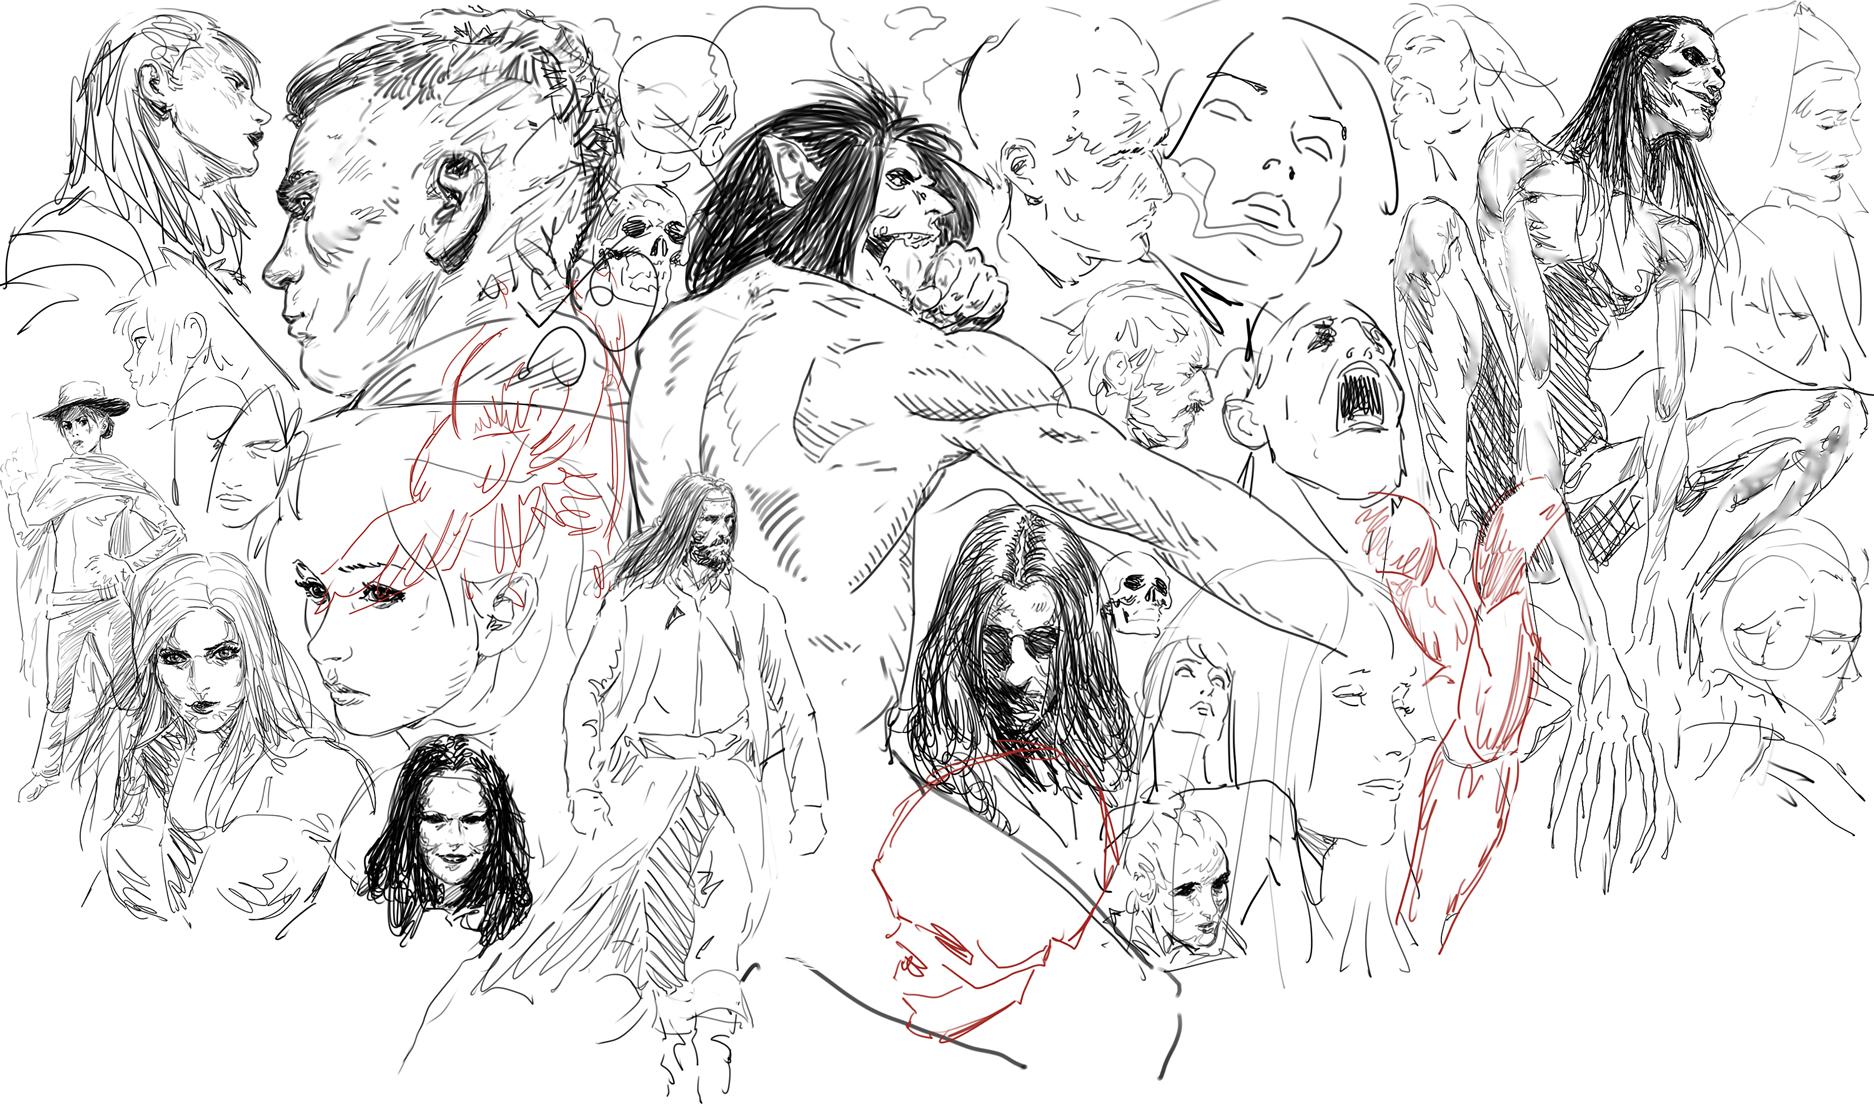 Recherches graphiques de Dagorath - Page 5 1566898004-sketchs-234455037